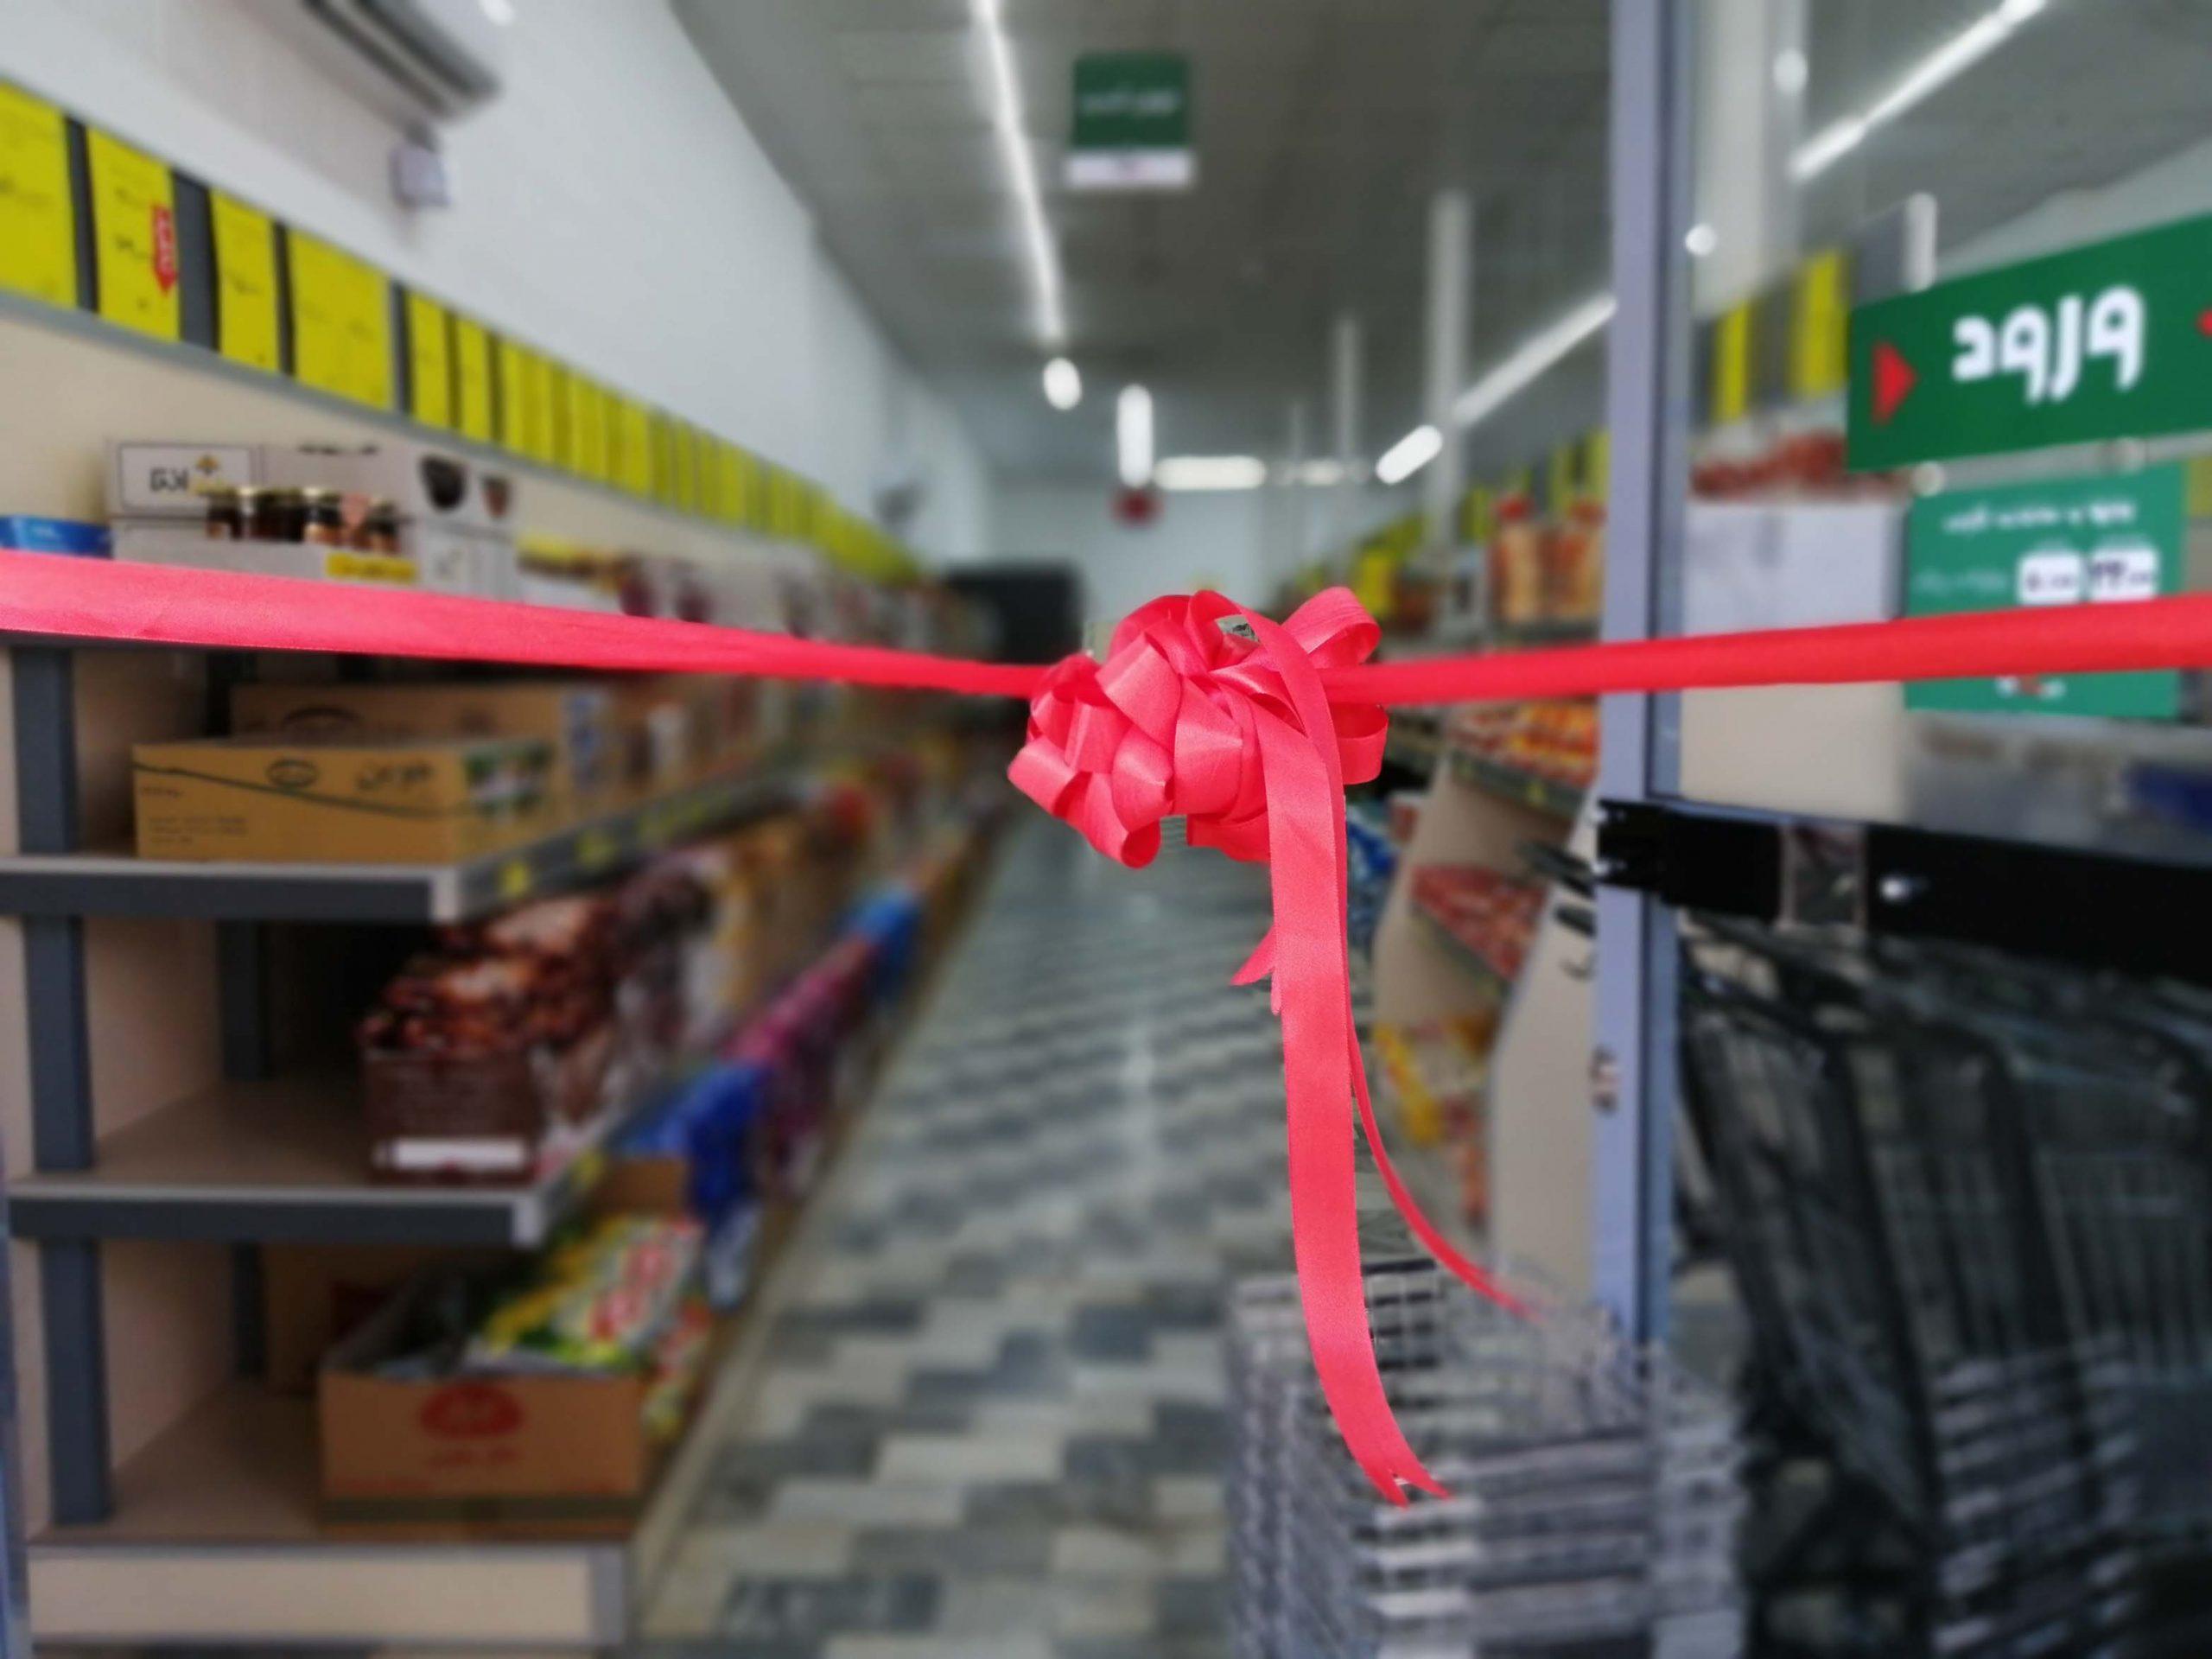 فروشگاه های زنجیره ای تخفیفی ویوان در باقرشهر افتتاح شد